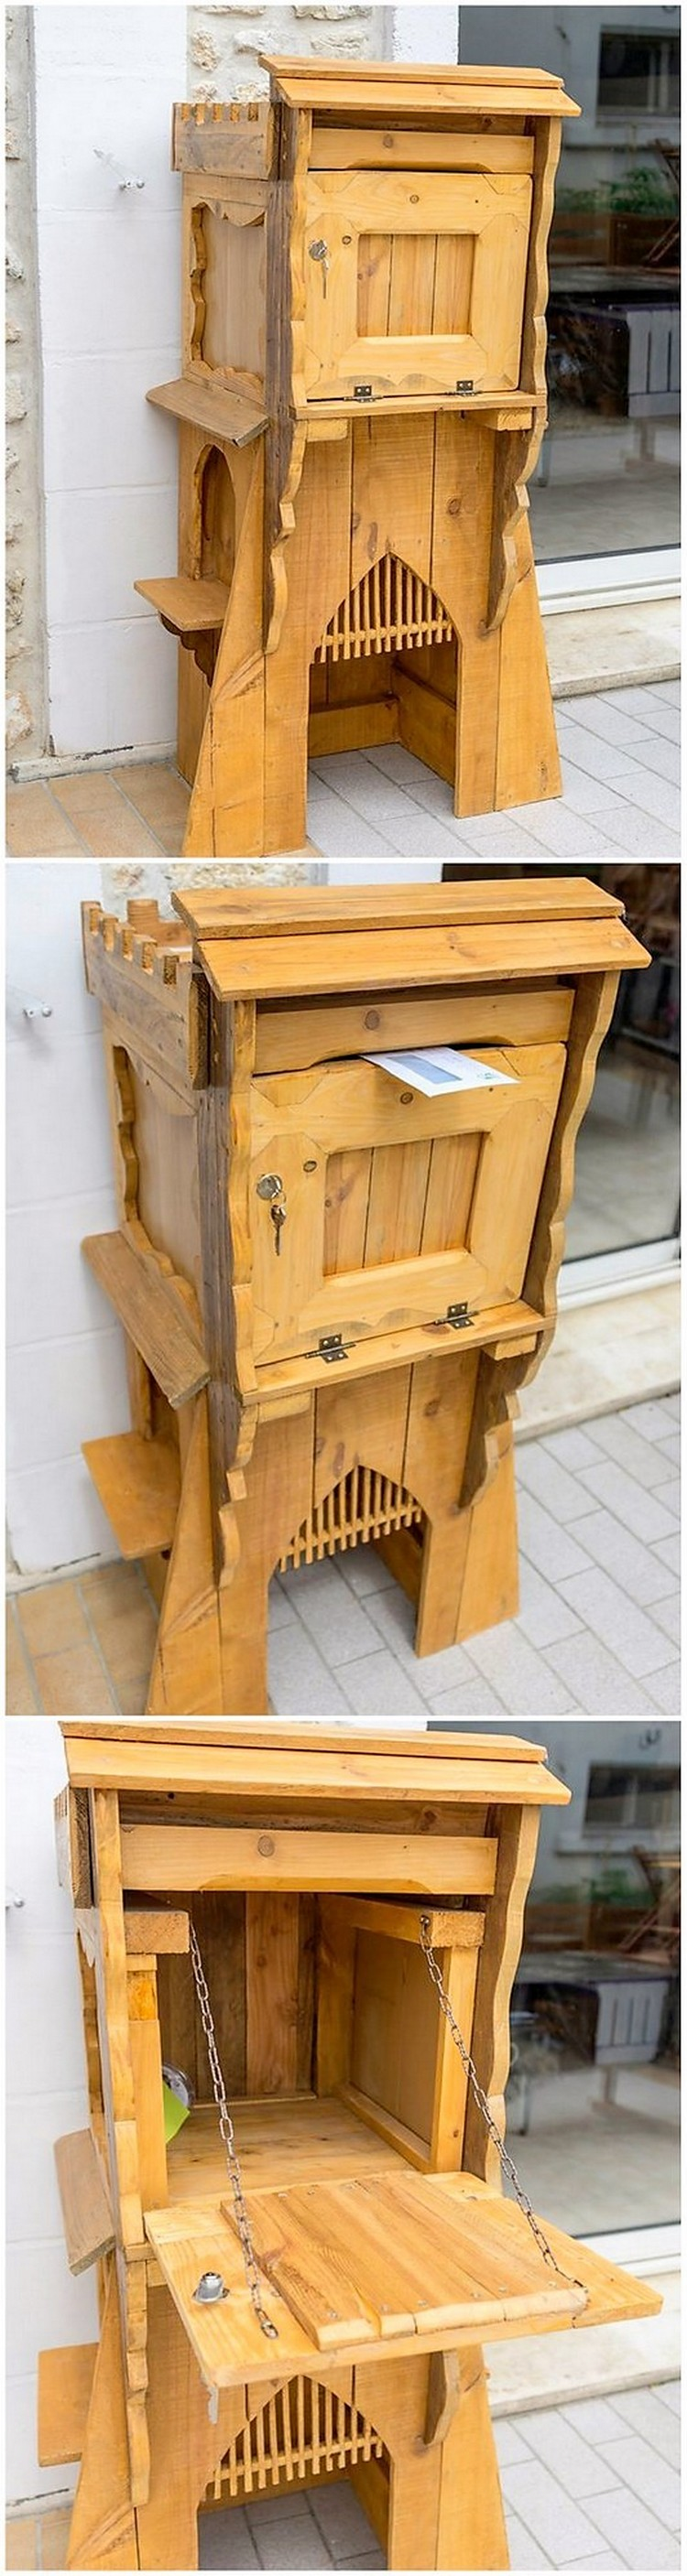 Pallet Mailbox